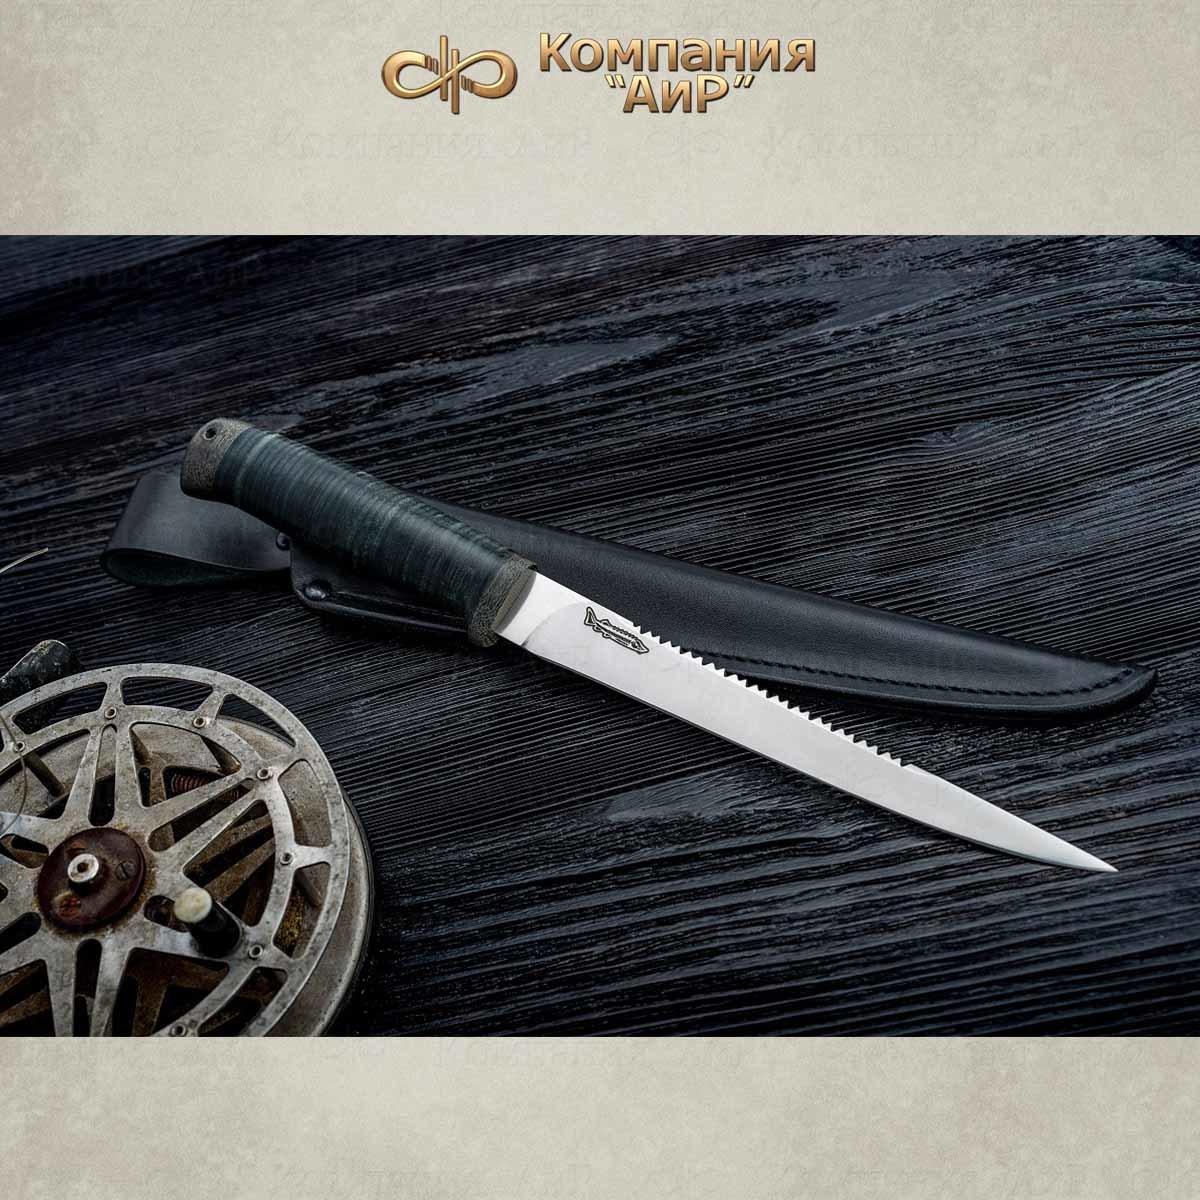 Нож разделочный АиР Белуга, сталь 100х13м, рукоять кожа нож разделочный белуга береста аир